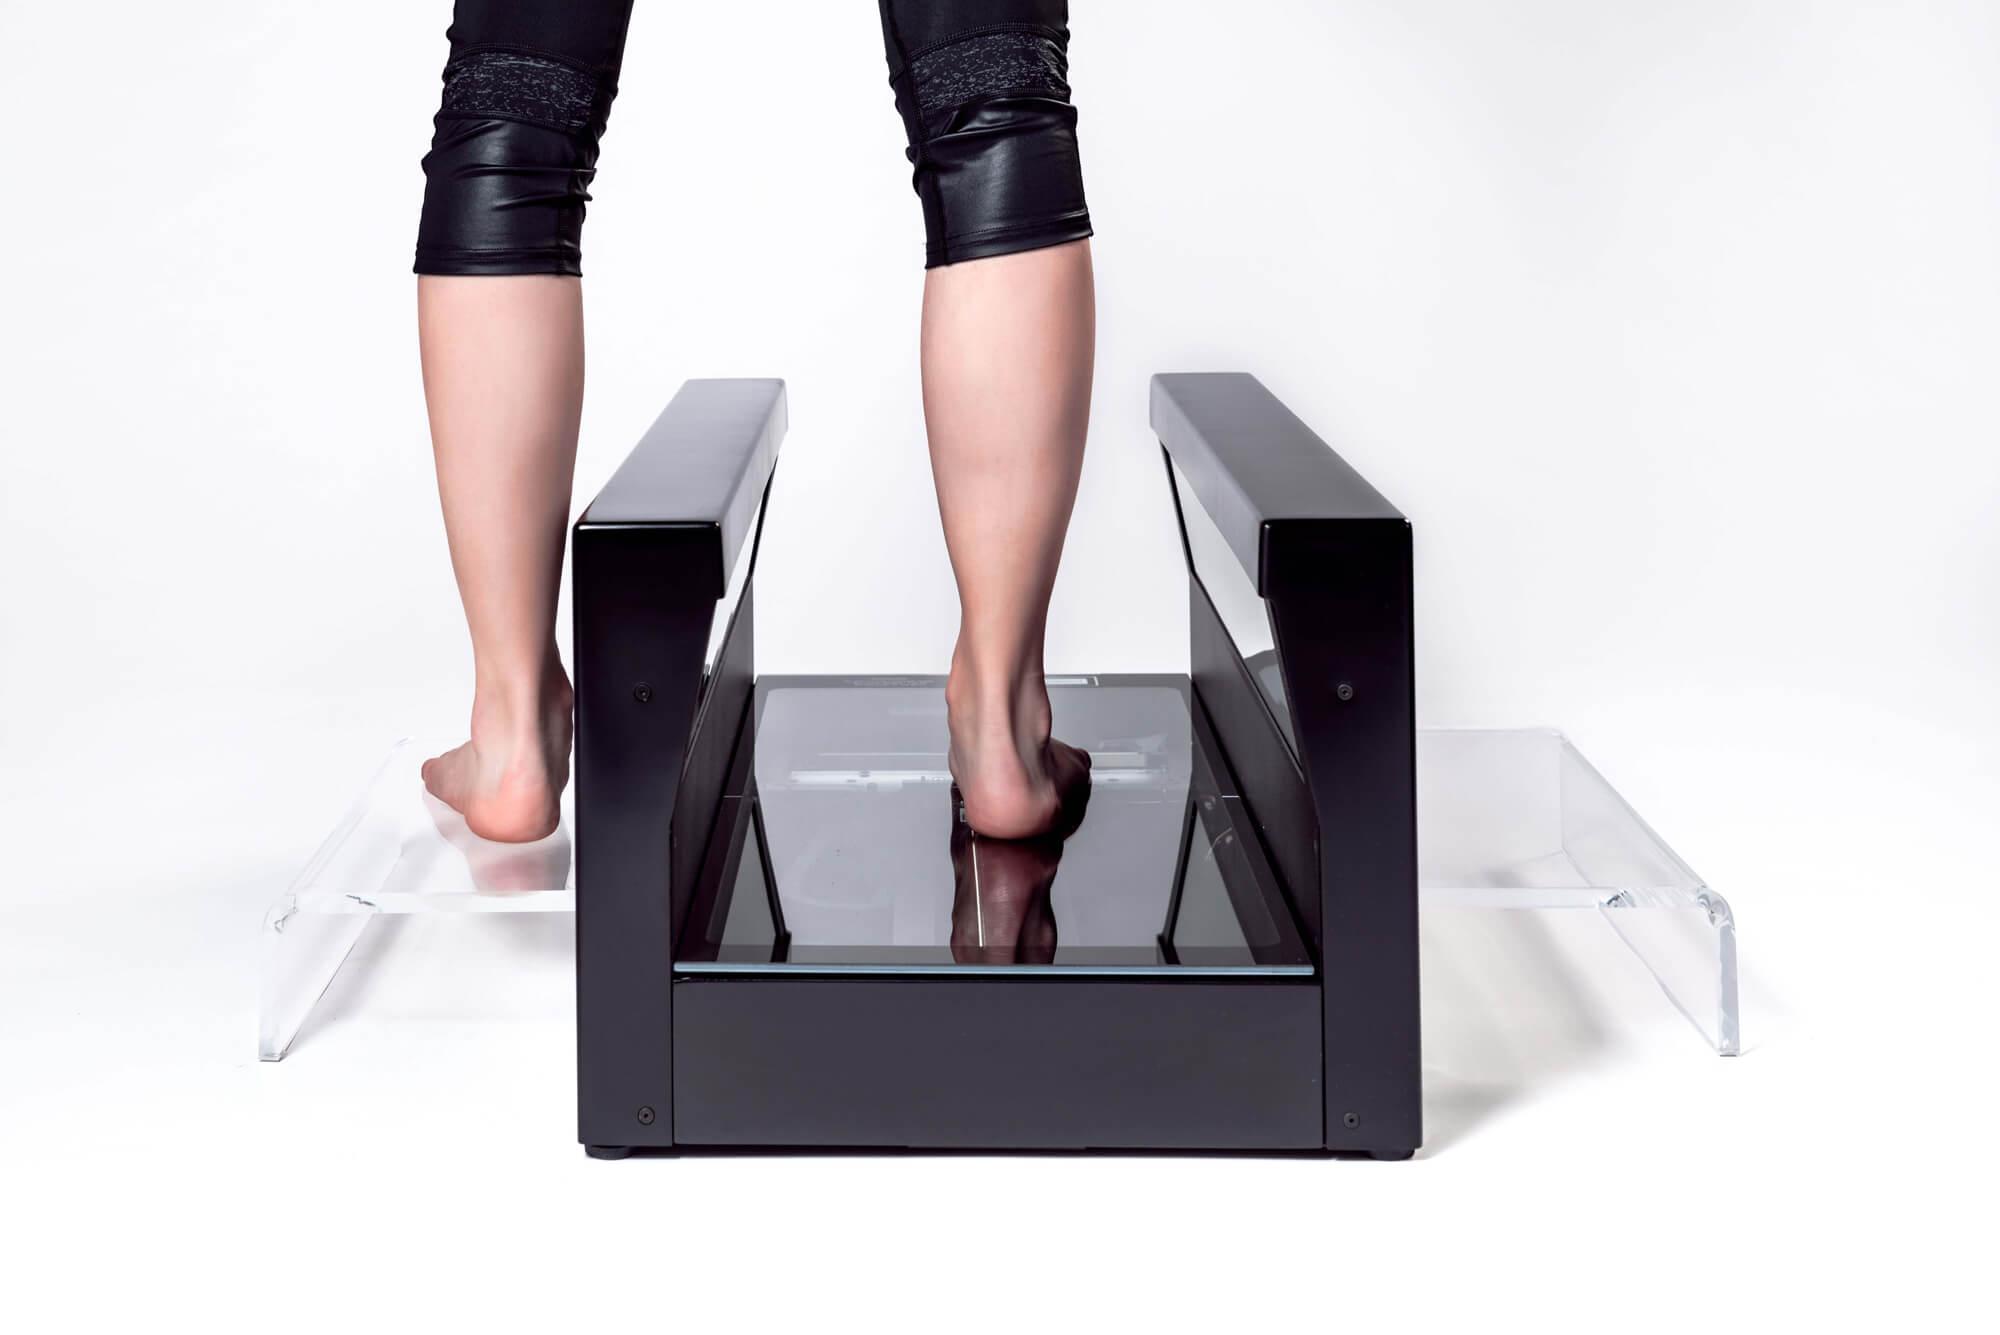 Fußscan für eine Maßschuh-Versorgung